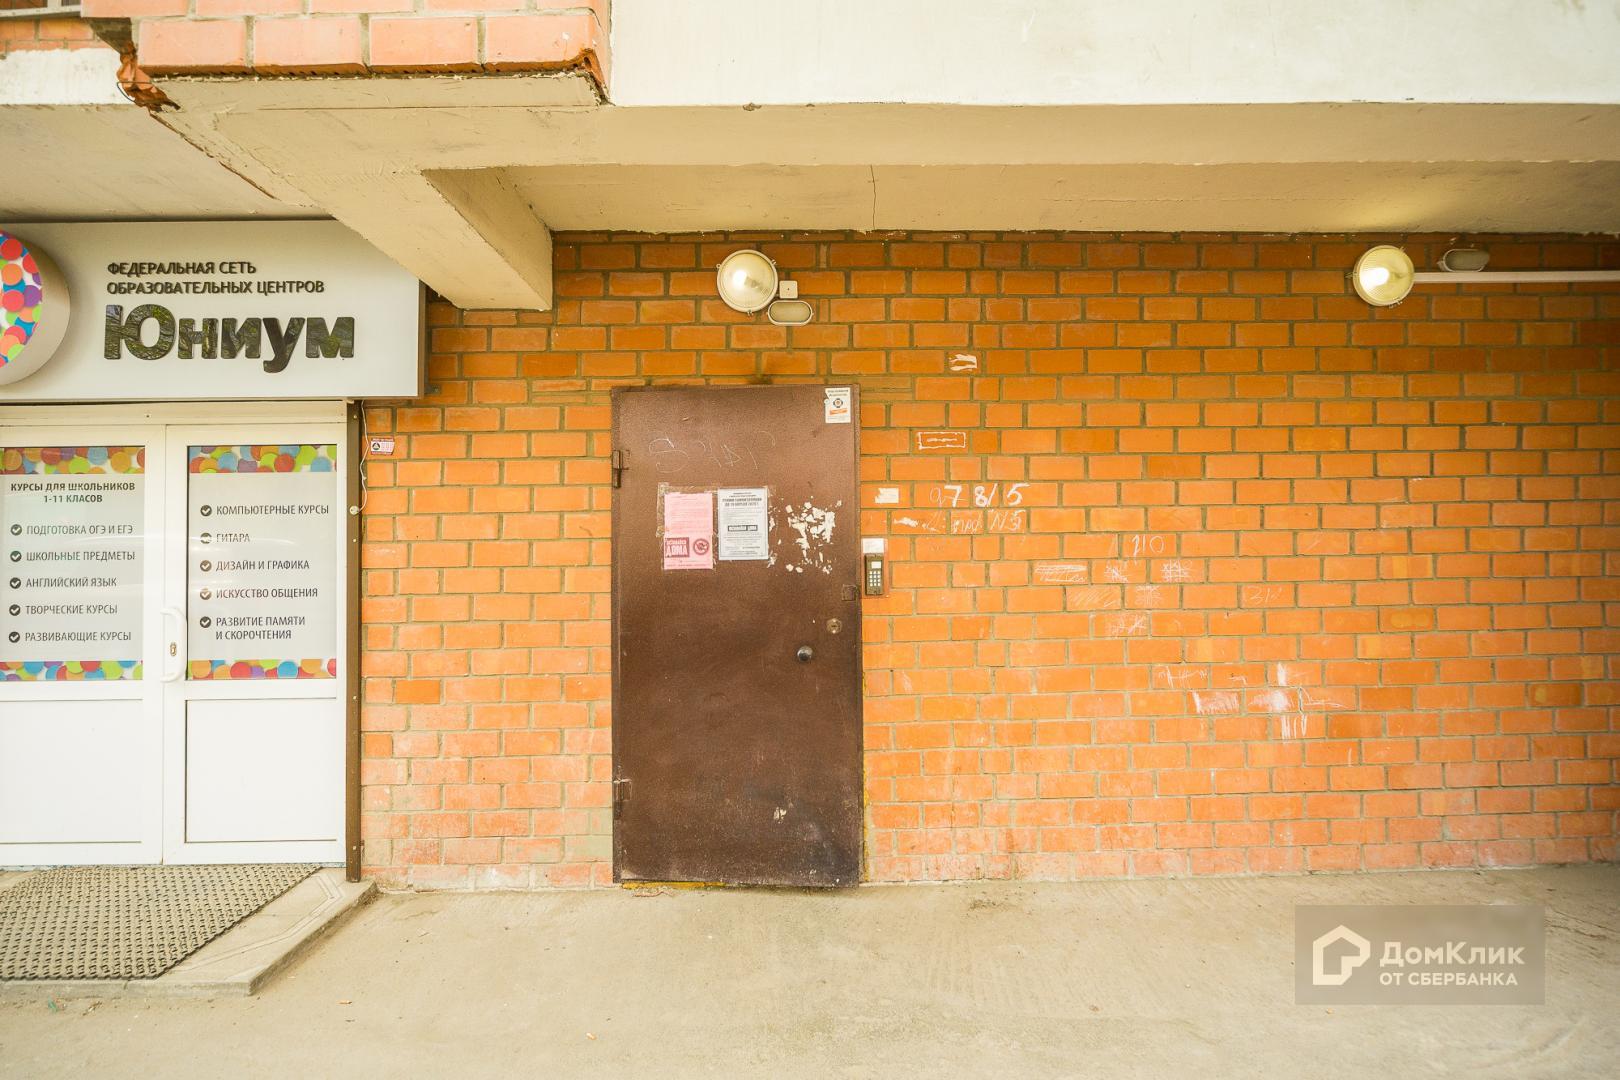 сбербанк иркутск депутатская фото сыра